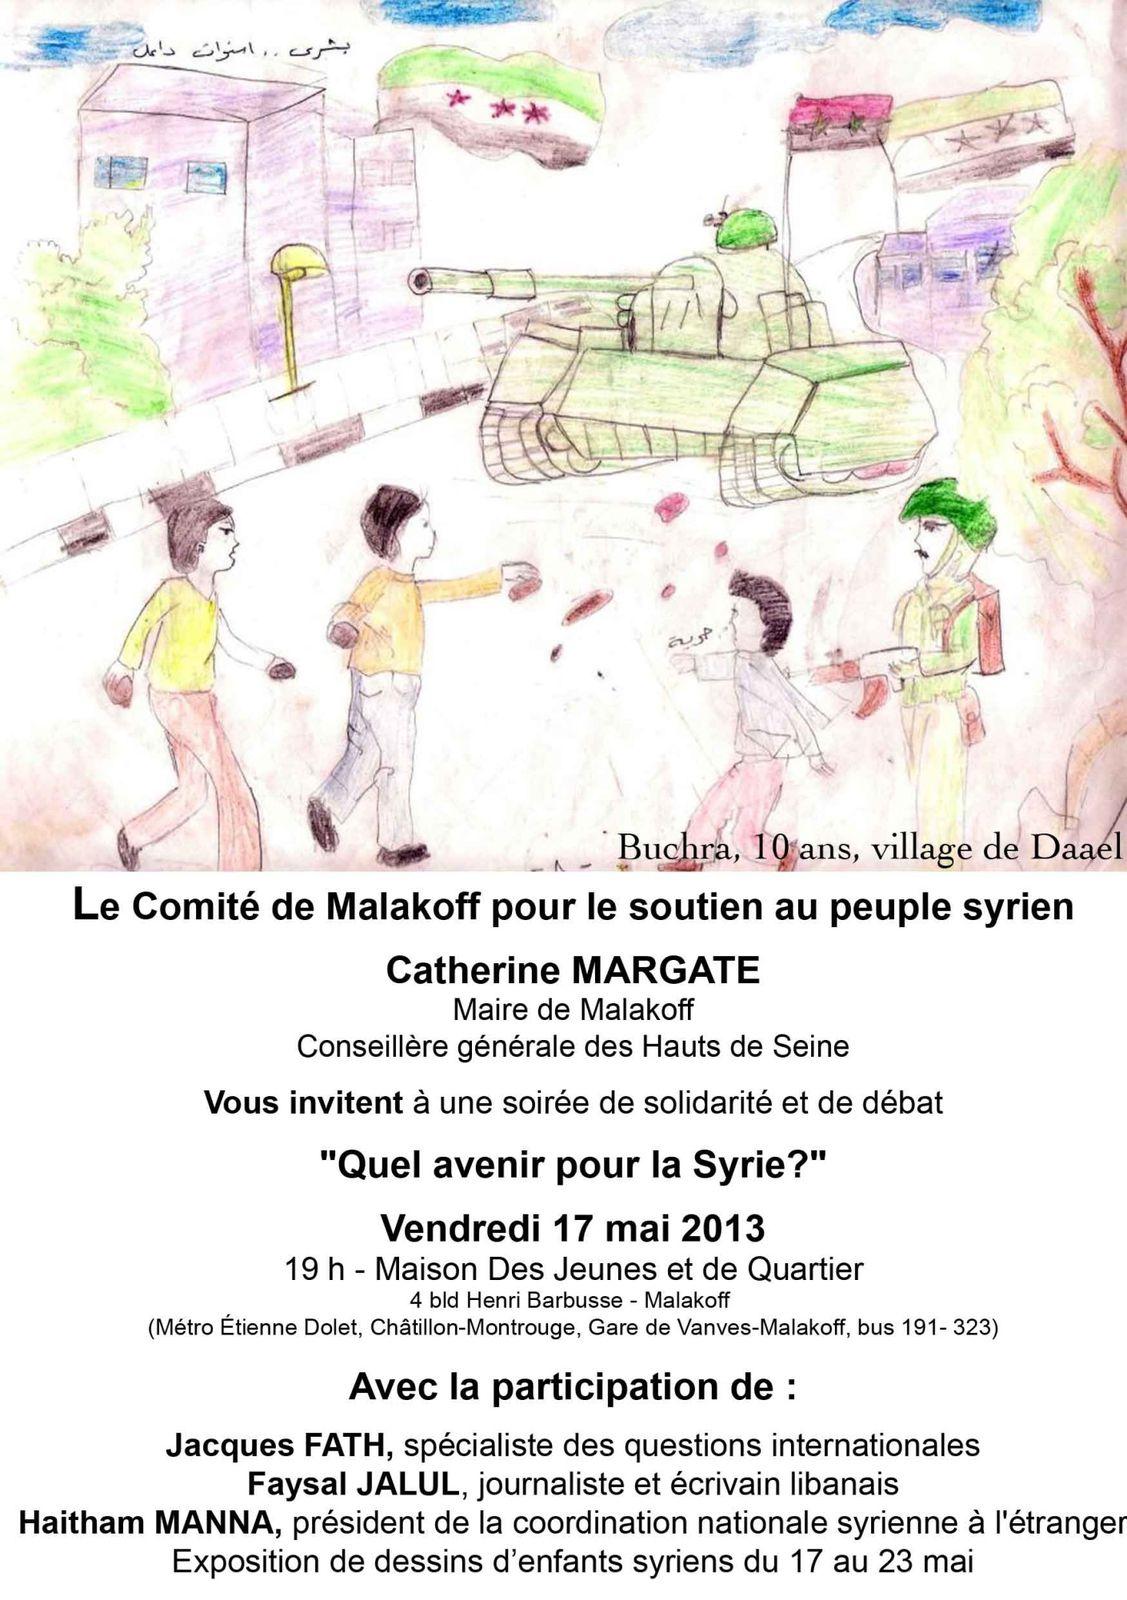 quel avenir pour la Syrie?